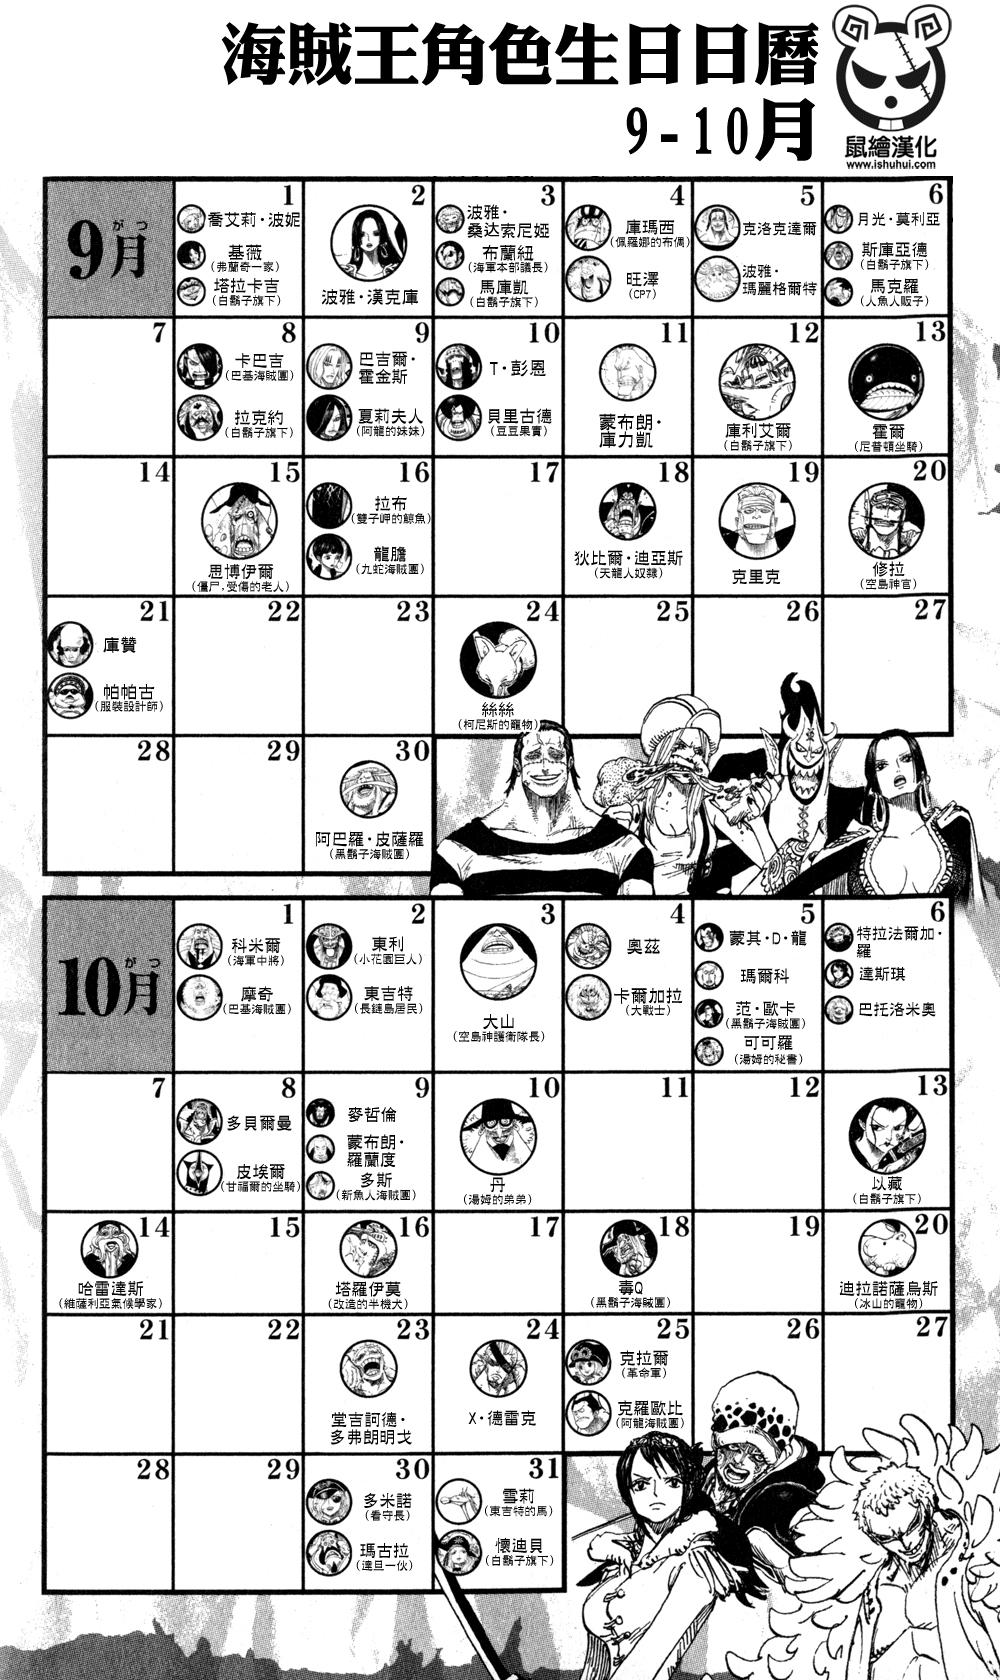 卷79 所有人生日5.png